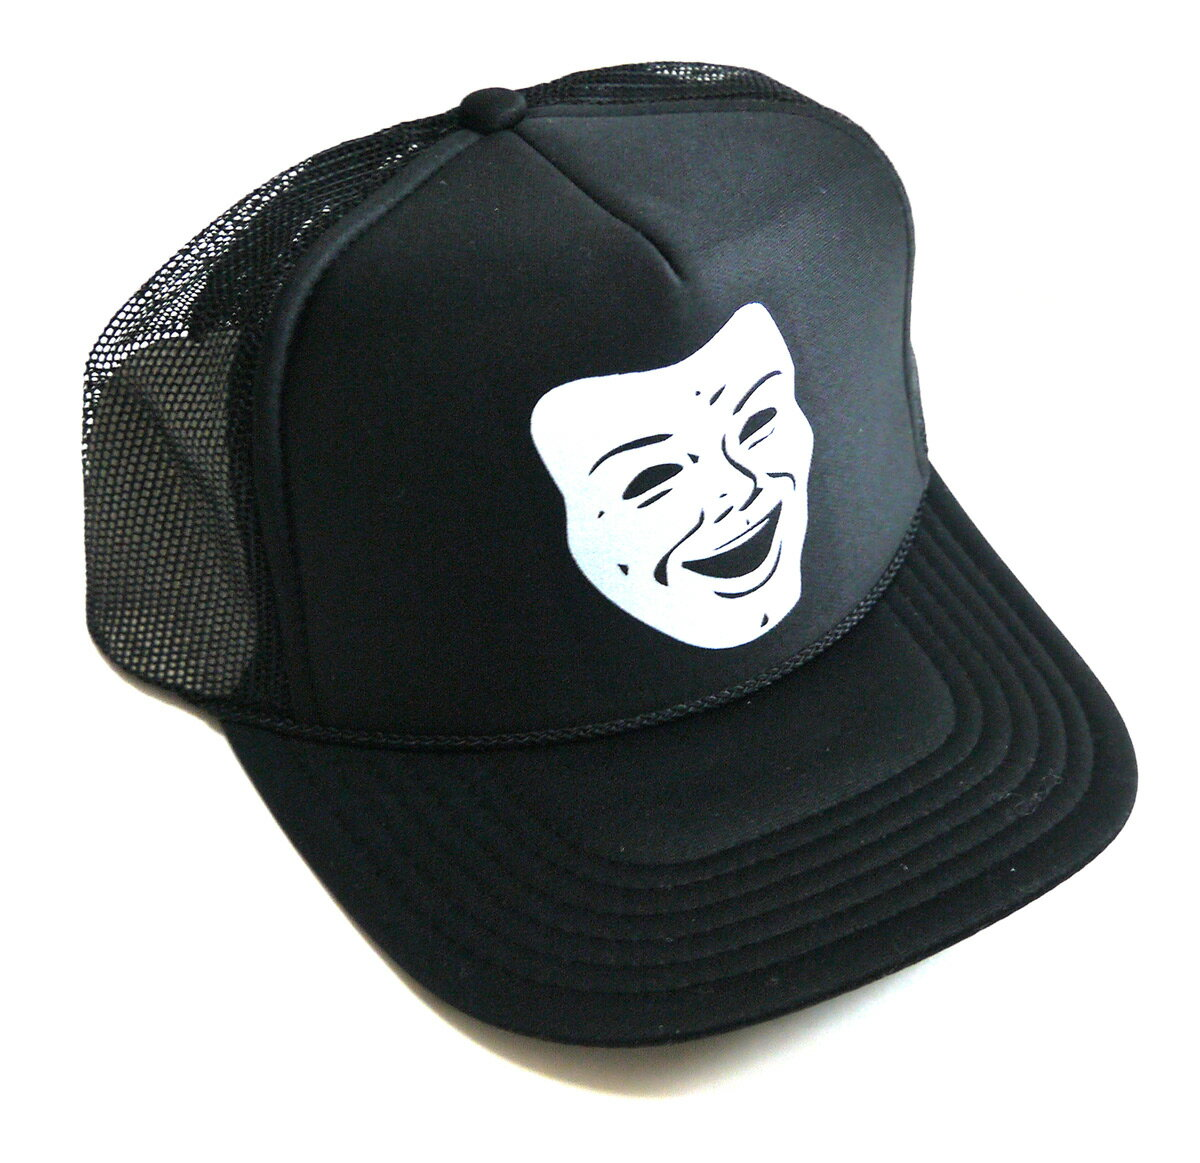 メンズ帽子, キャップ Truck Brand